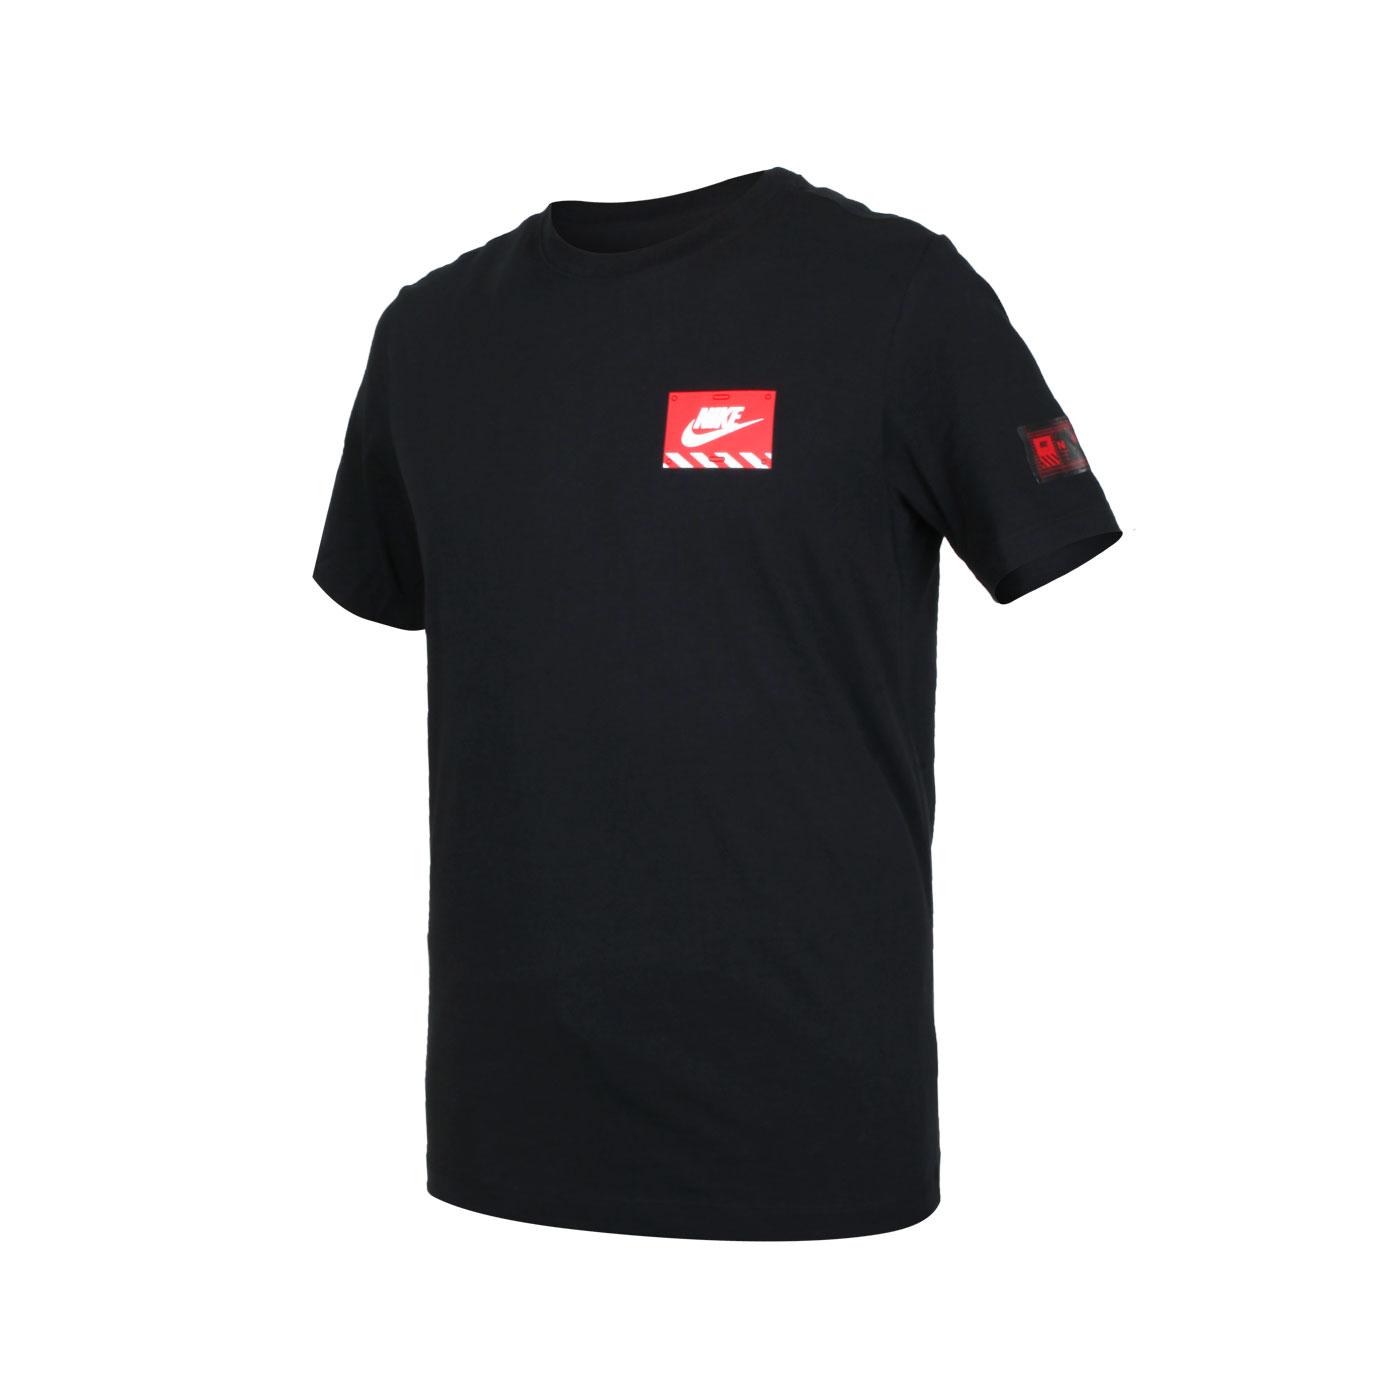 NIKE 男款短袖T恤 DJ1398-010 - 黑紅白